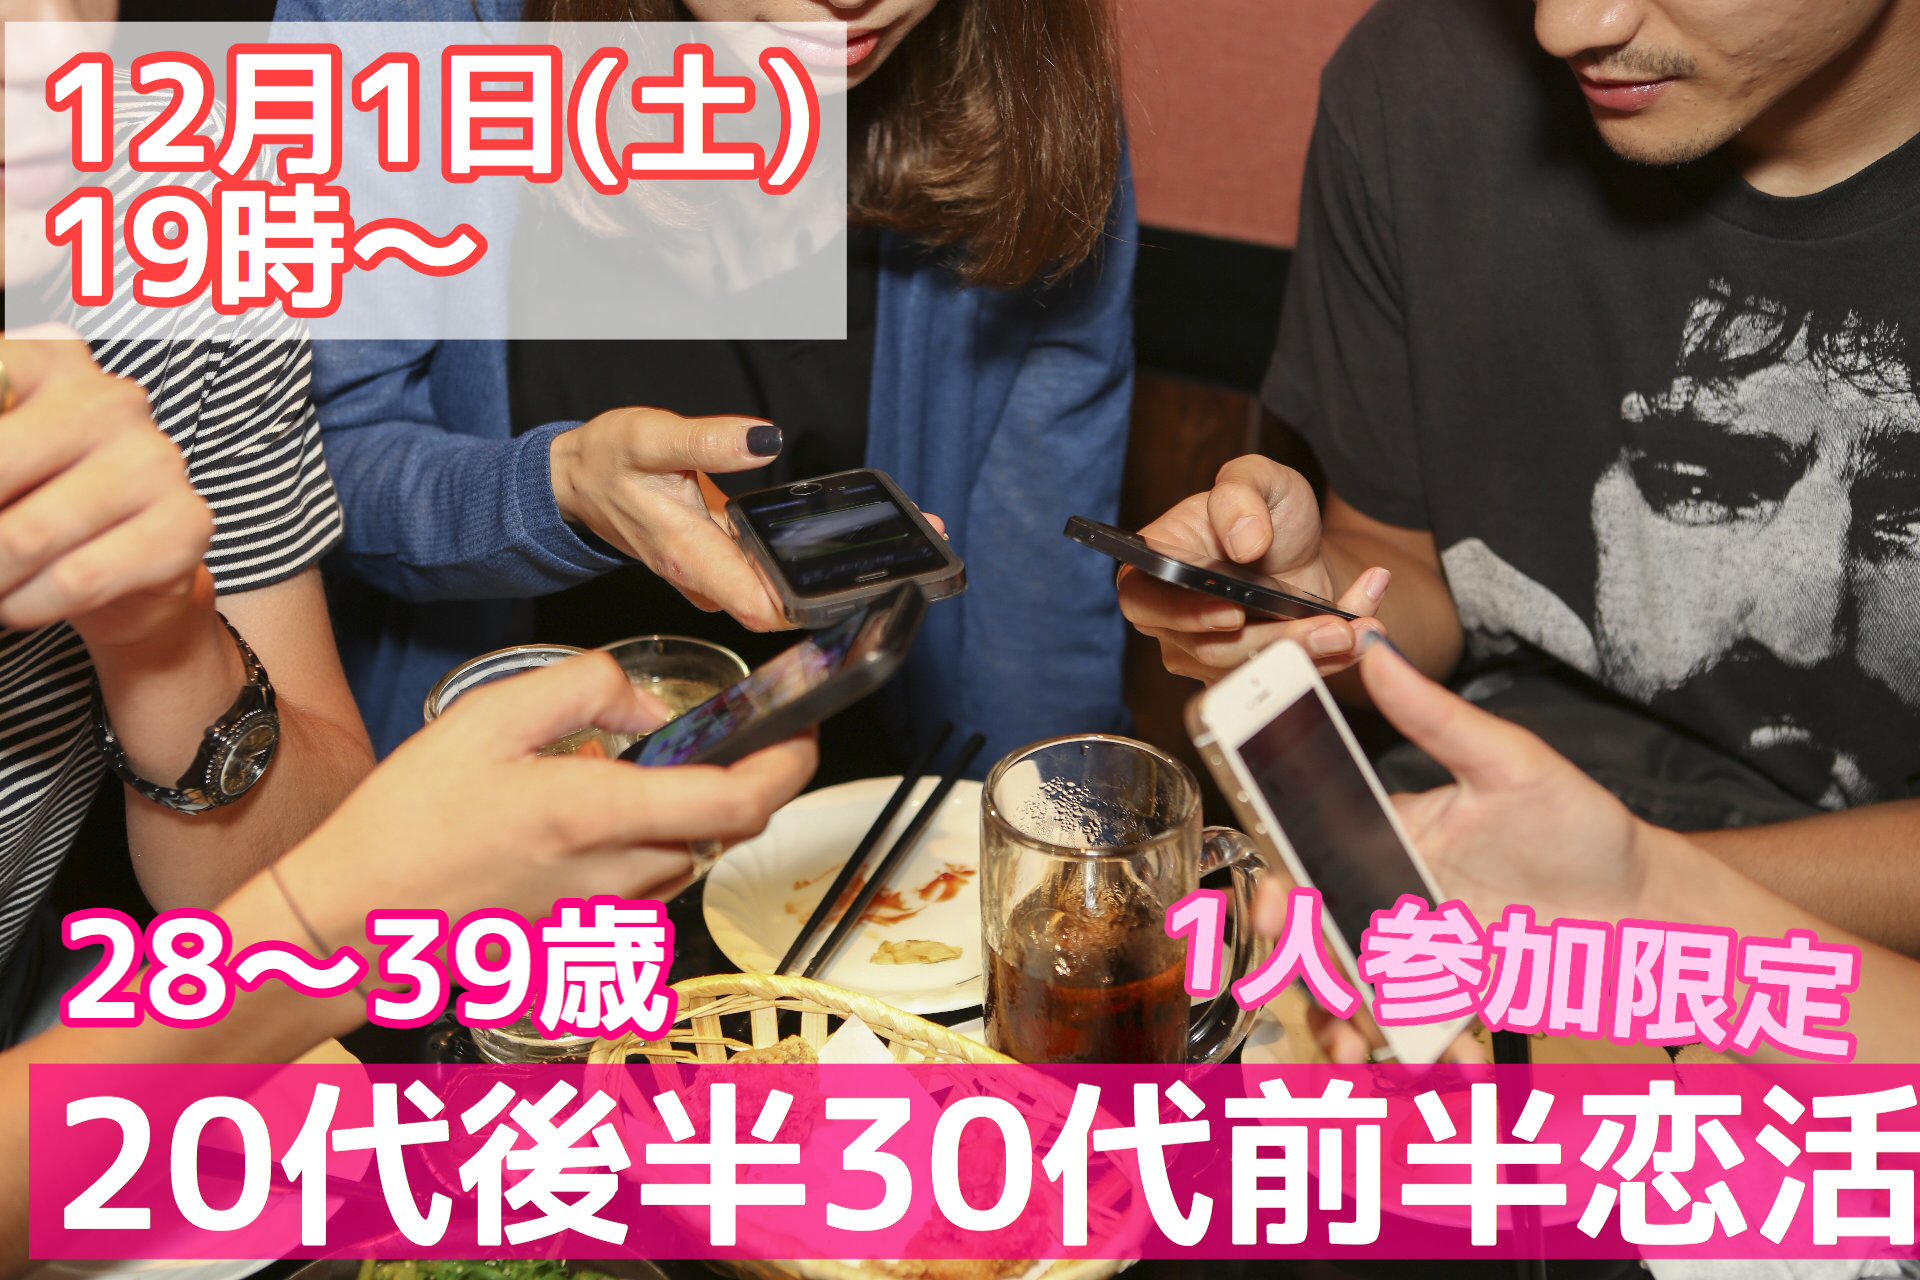 【終了】12月1日(土)19時~1人参加限定!【28~39歳限定】! 20代後半30代前半恋活!